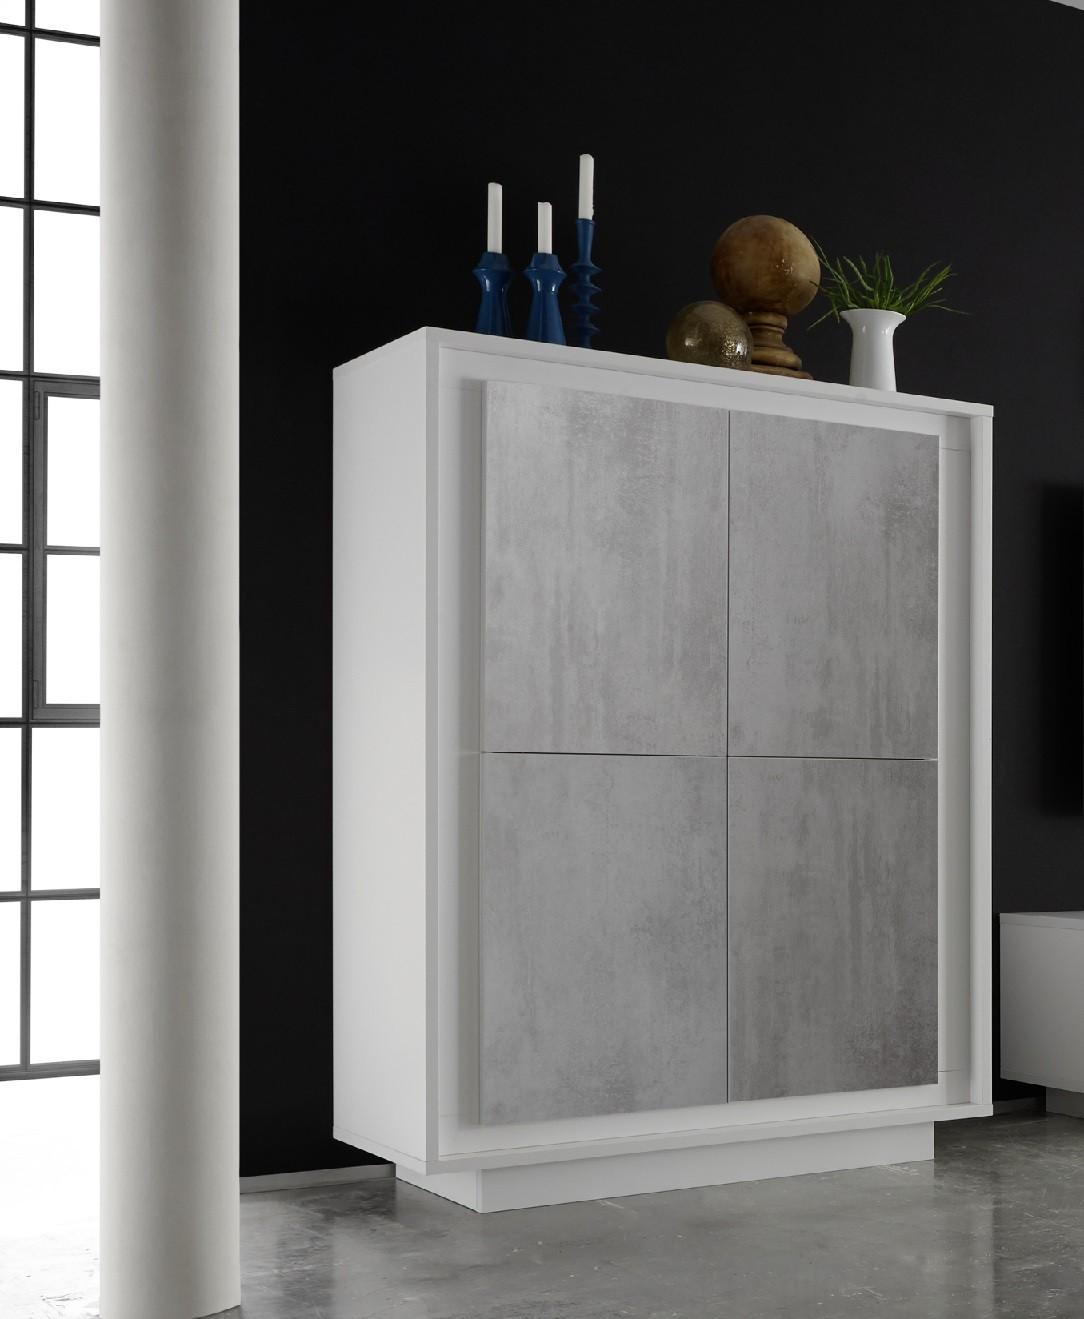 amber iv 4 door modern storage cabinet with stone imitation fronts black doors28 doors